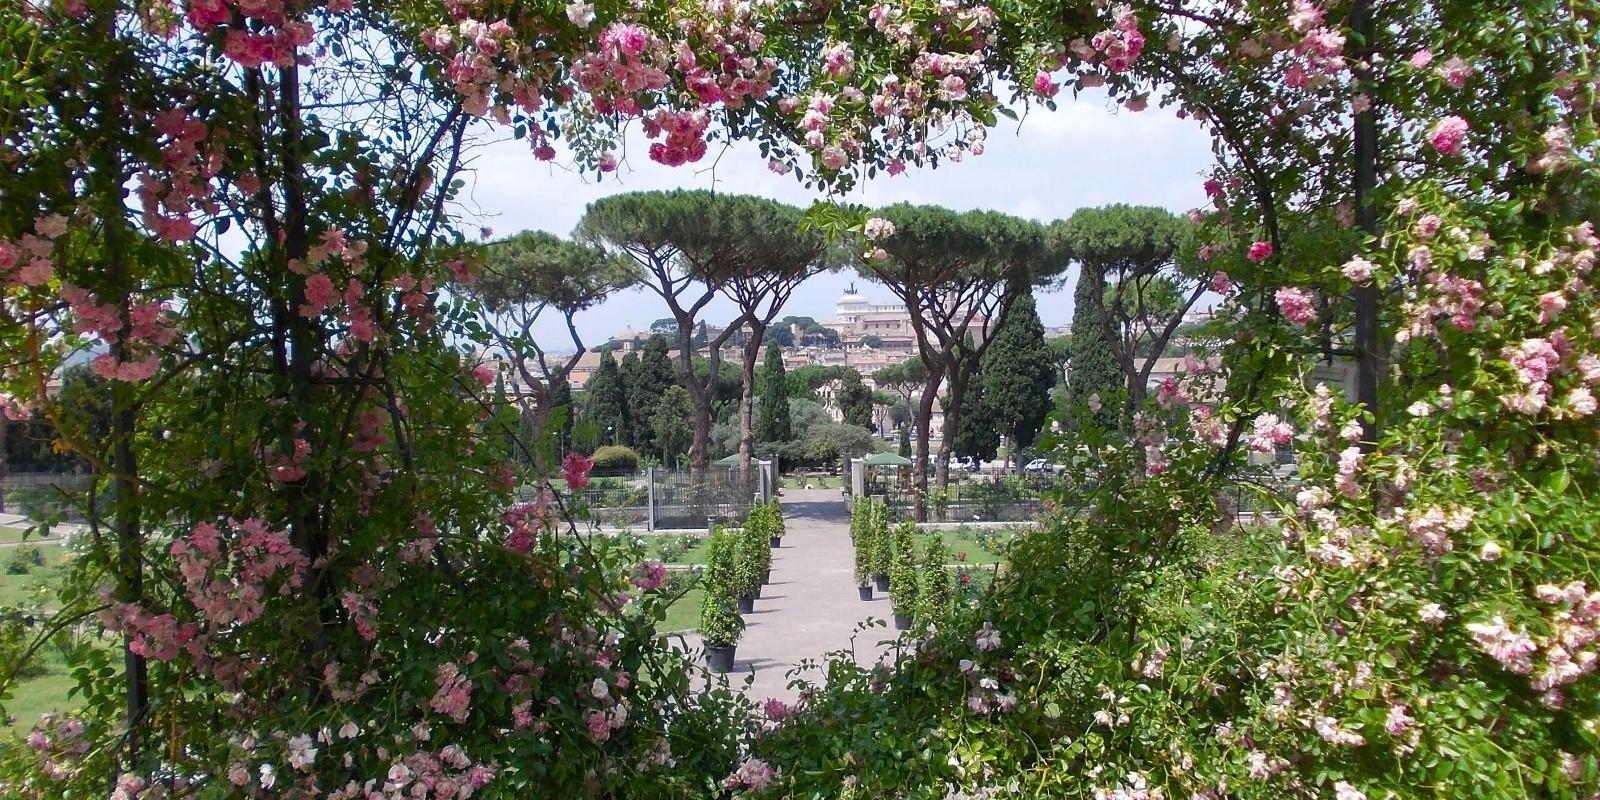 I giardini segreti pi belli di roma che non tutti conoscono for Architetto giardini roma